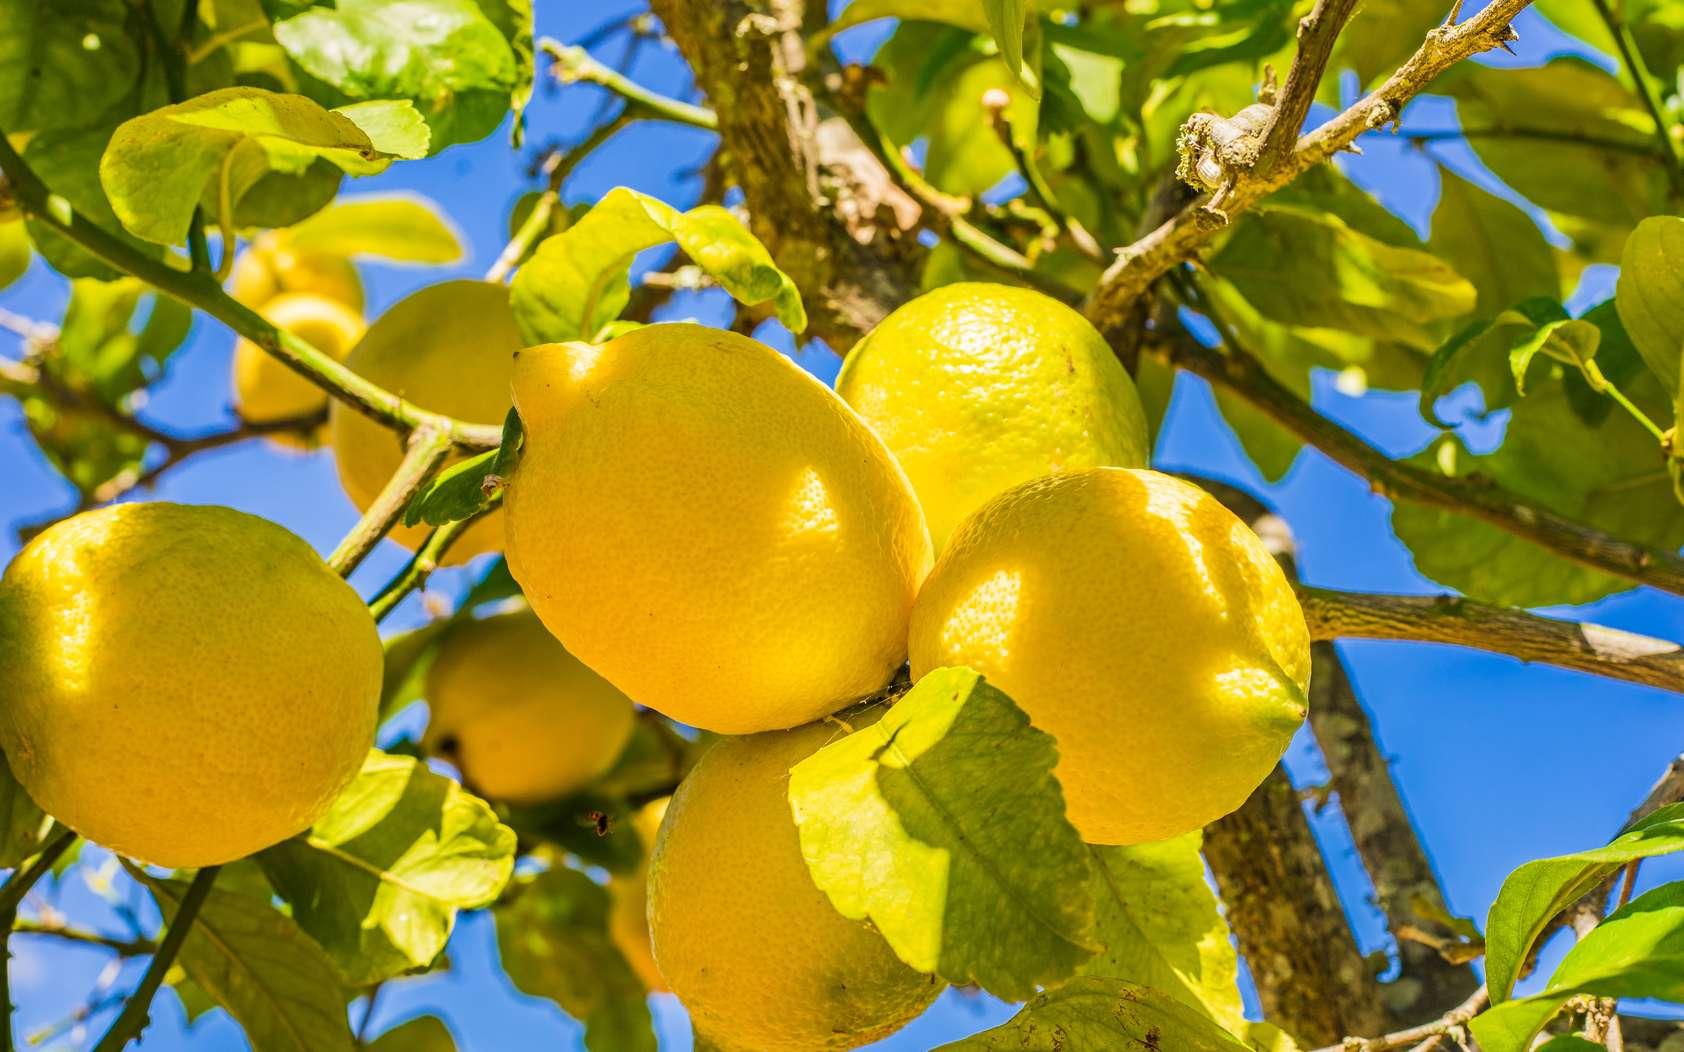 Le citron est un fruit gorgé de vitamine C. © Wikimedia Commons